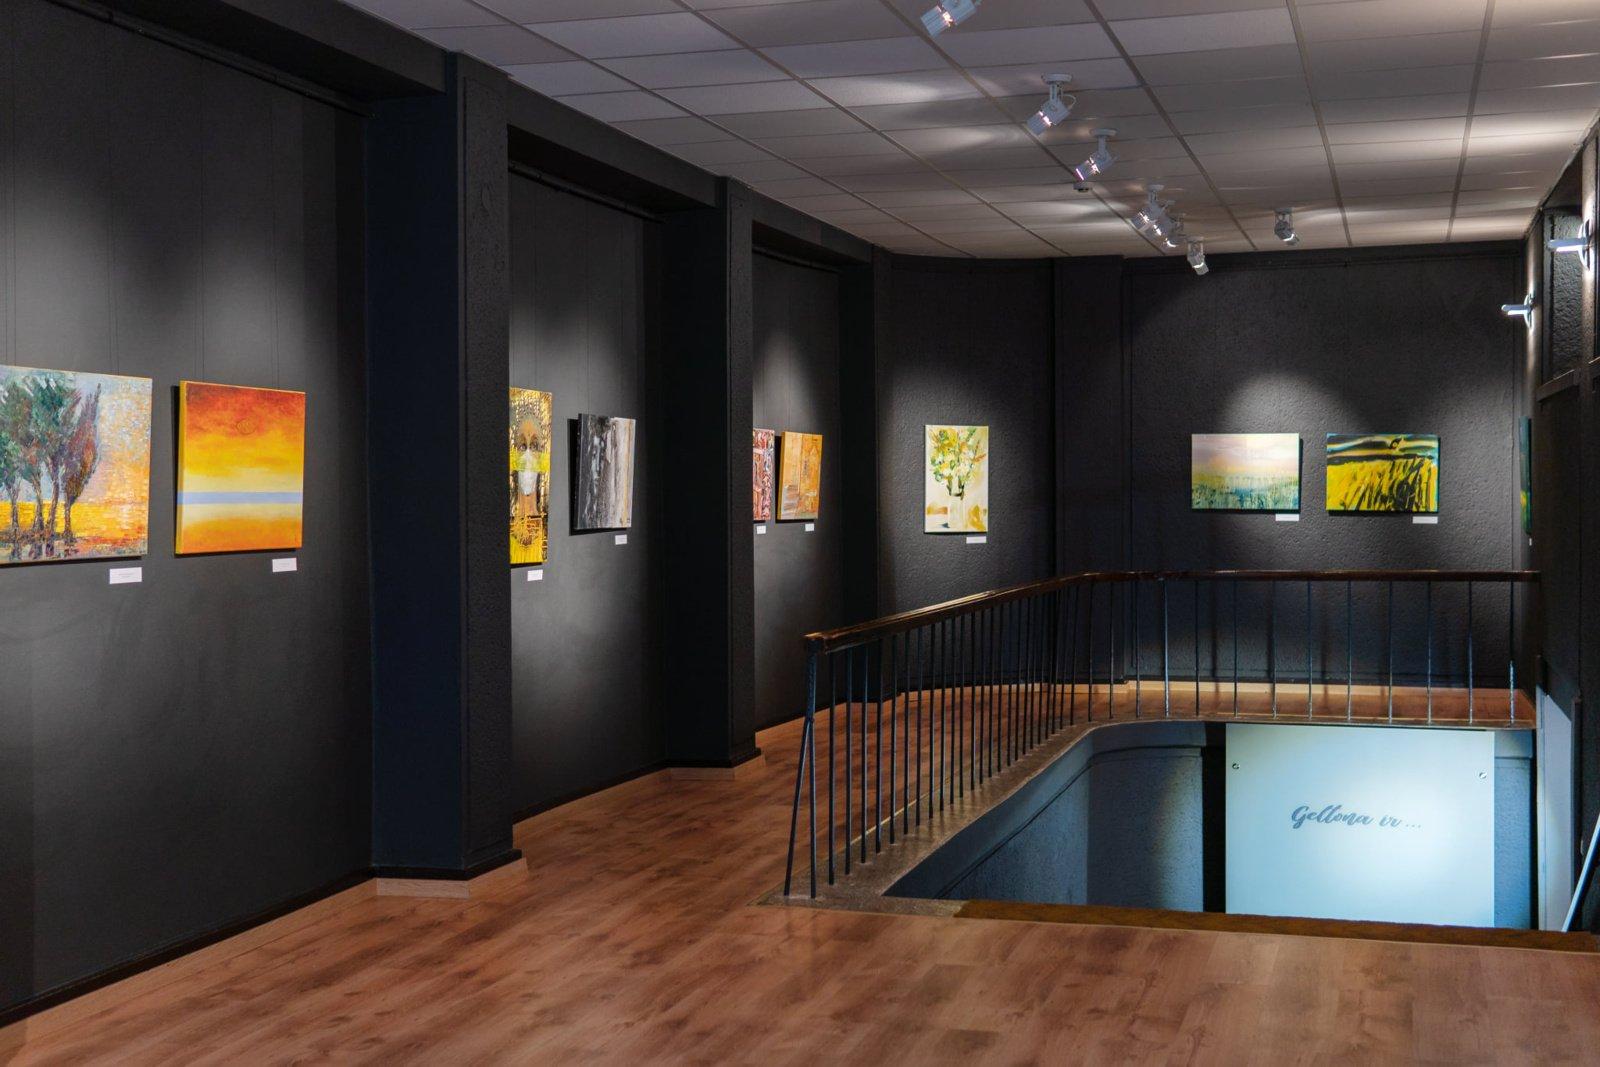 Tarptautinio dailės festivalio paroda Laiptų galerijoje